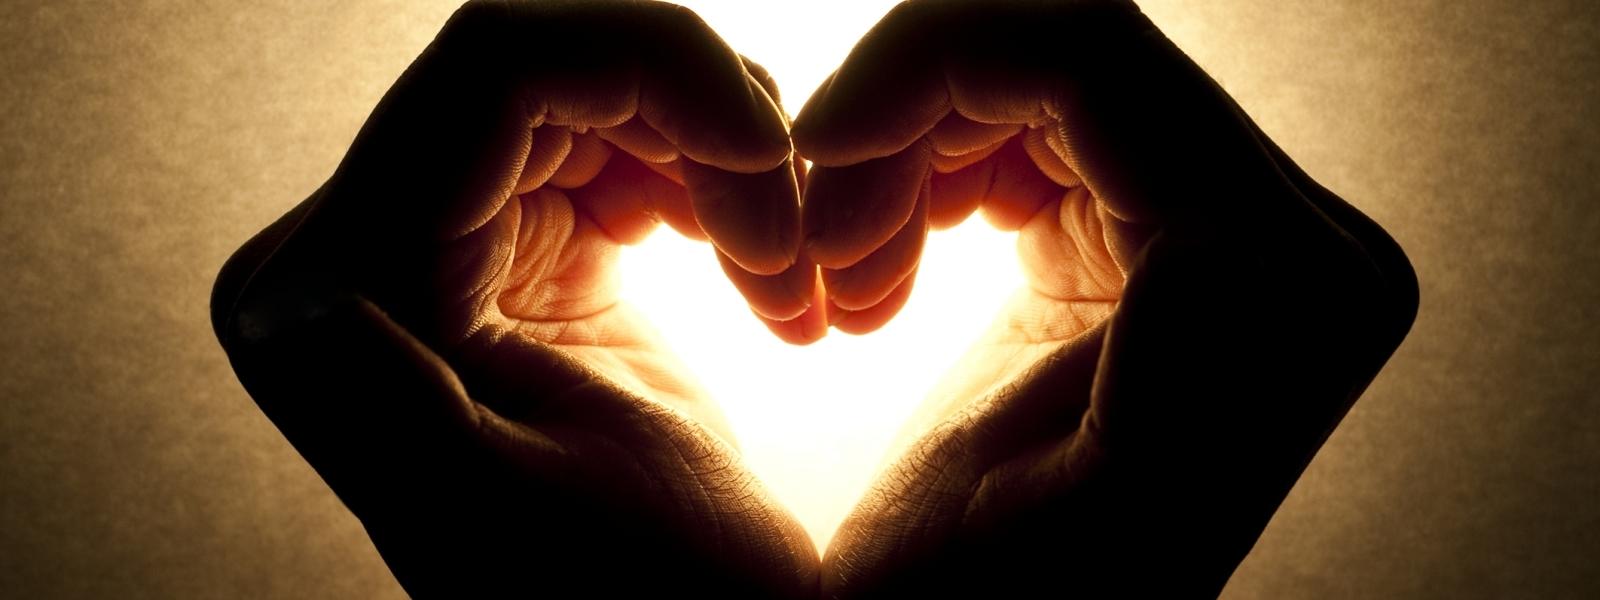 Sự tử tế,Vô cảm,vốn xã hội,phim nhảm,bạo lực,Văn hóa,đức tin